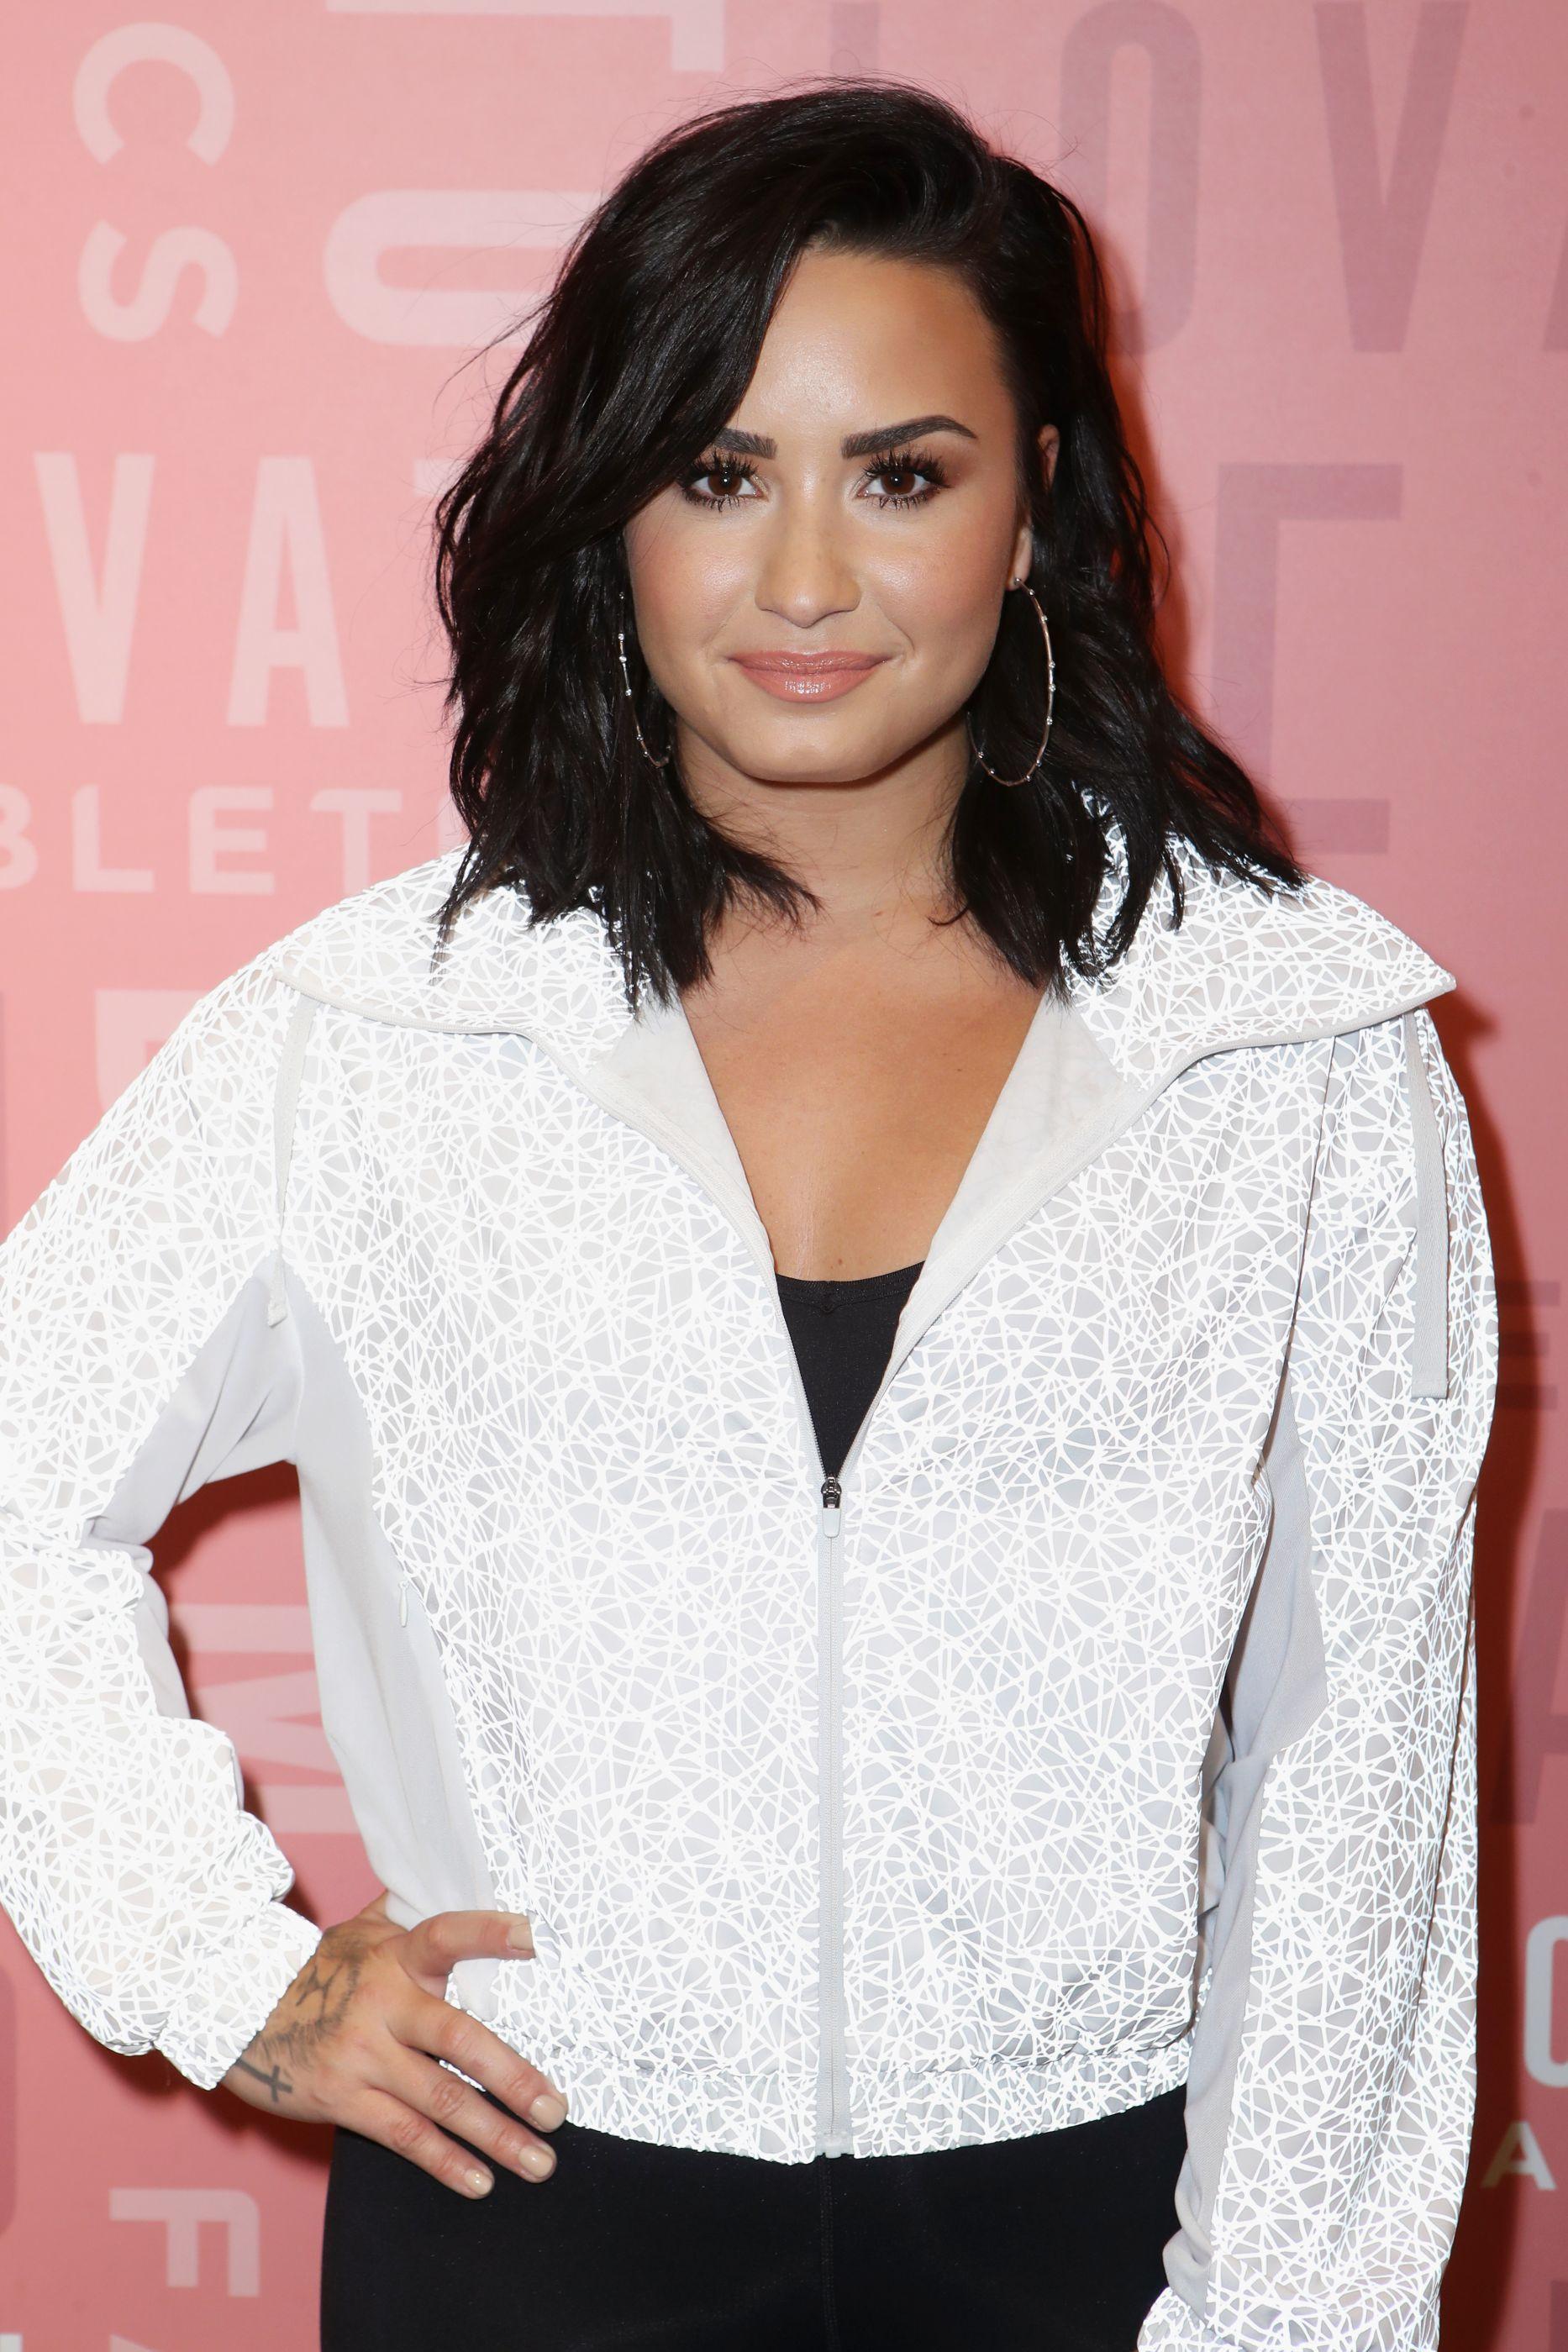 Demi Lovato volta a internar-se numa clínica de reabilitação